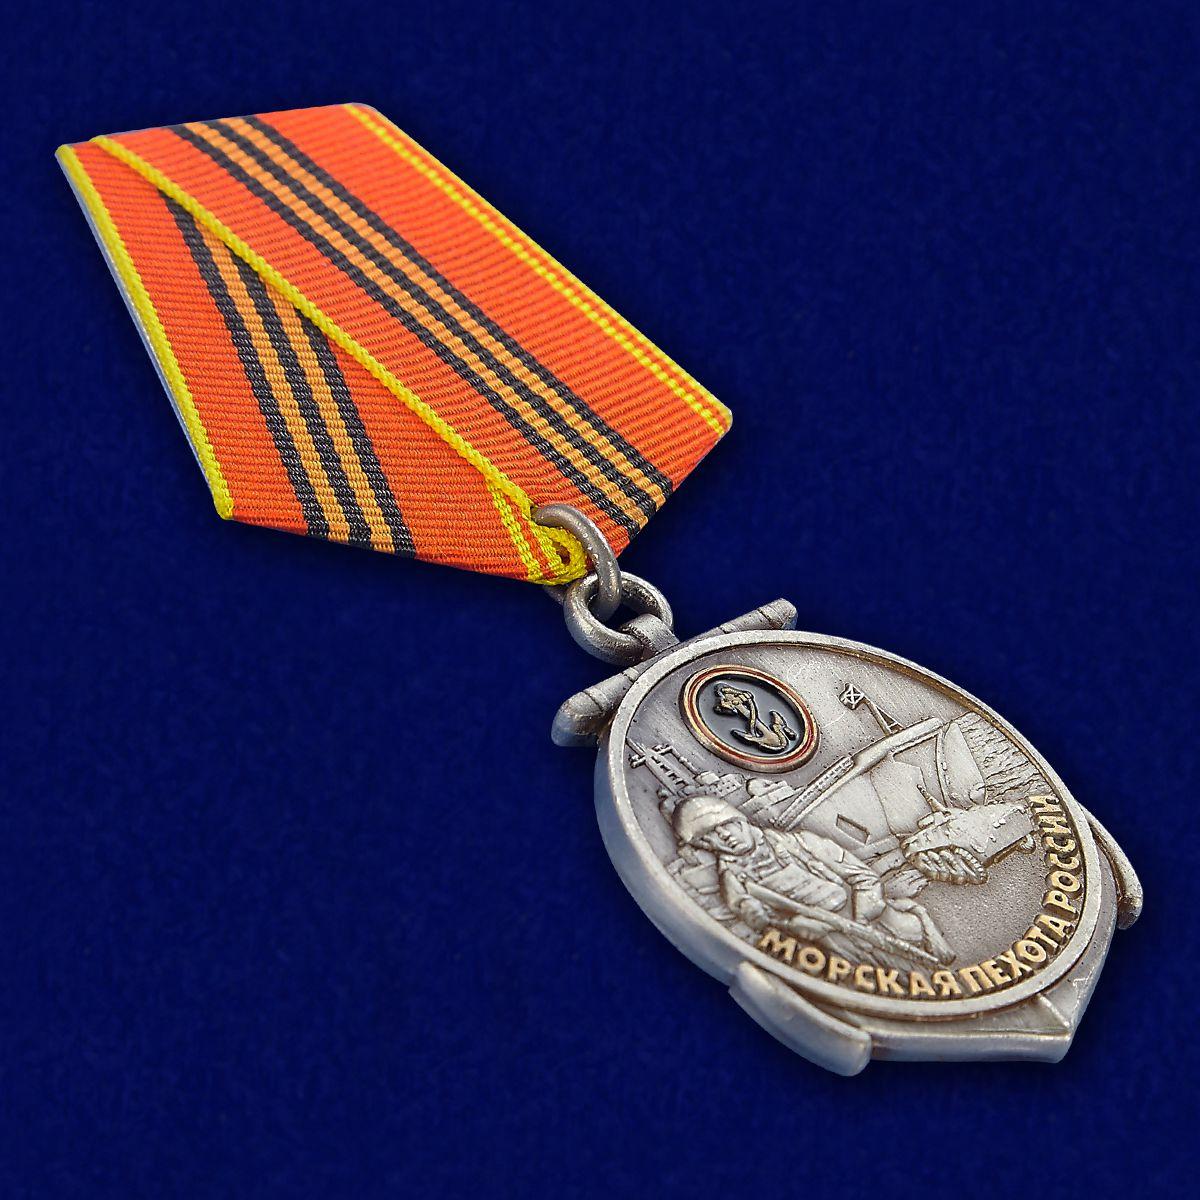 """Медаль """"Морская пехота России"""" в красивом футляре с покрытием из бордового флока - общий вид"""